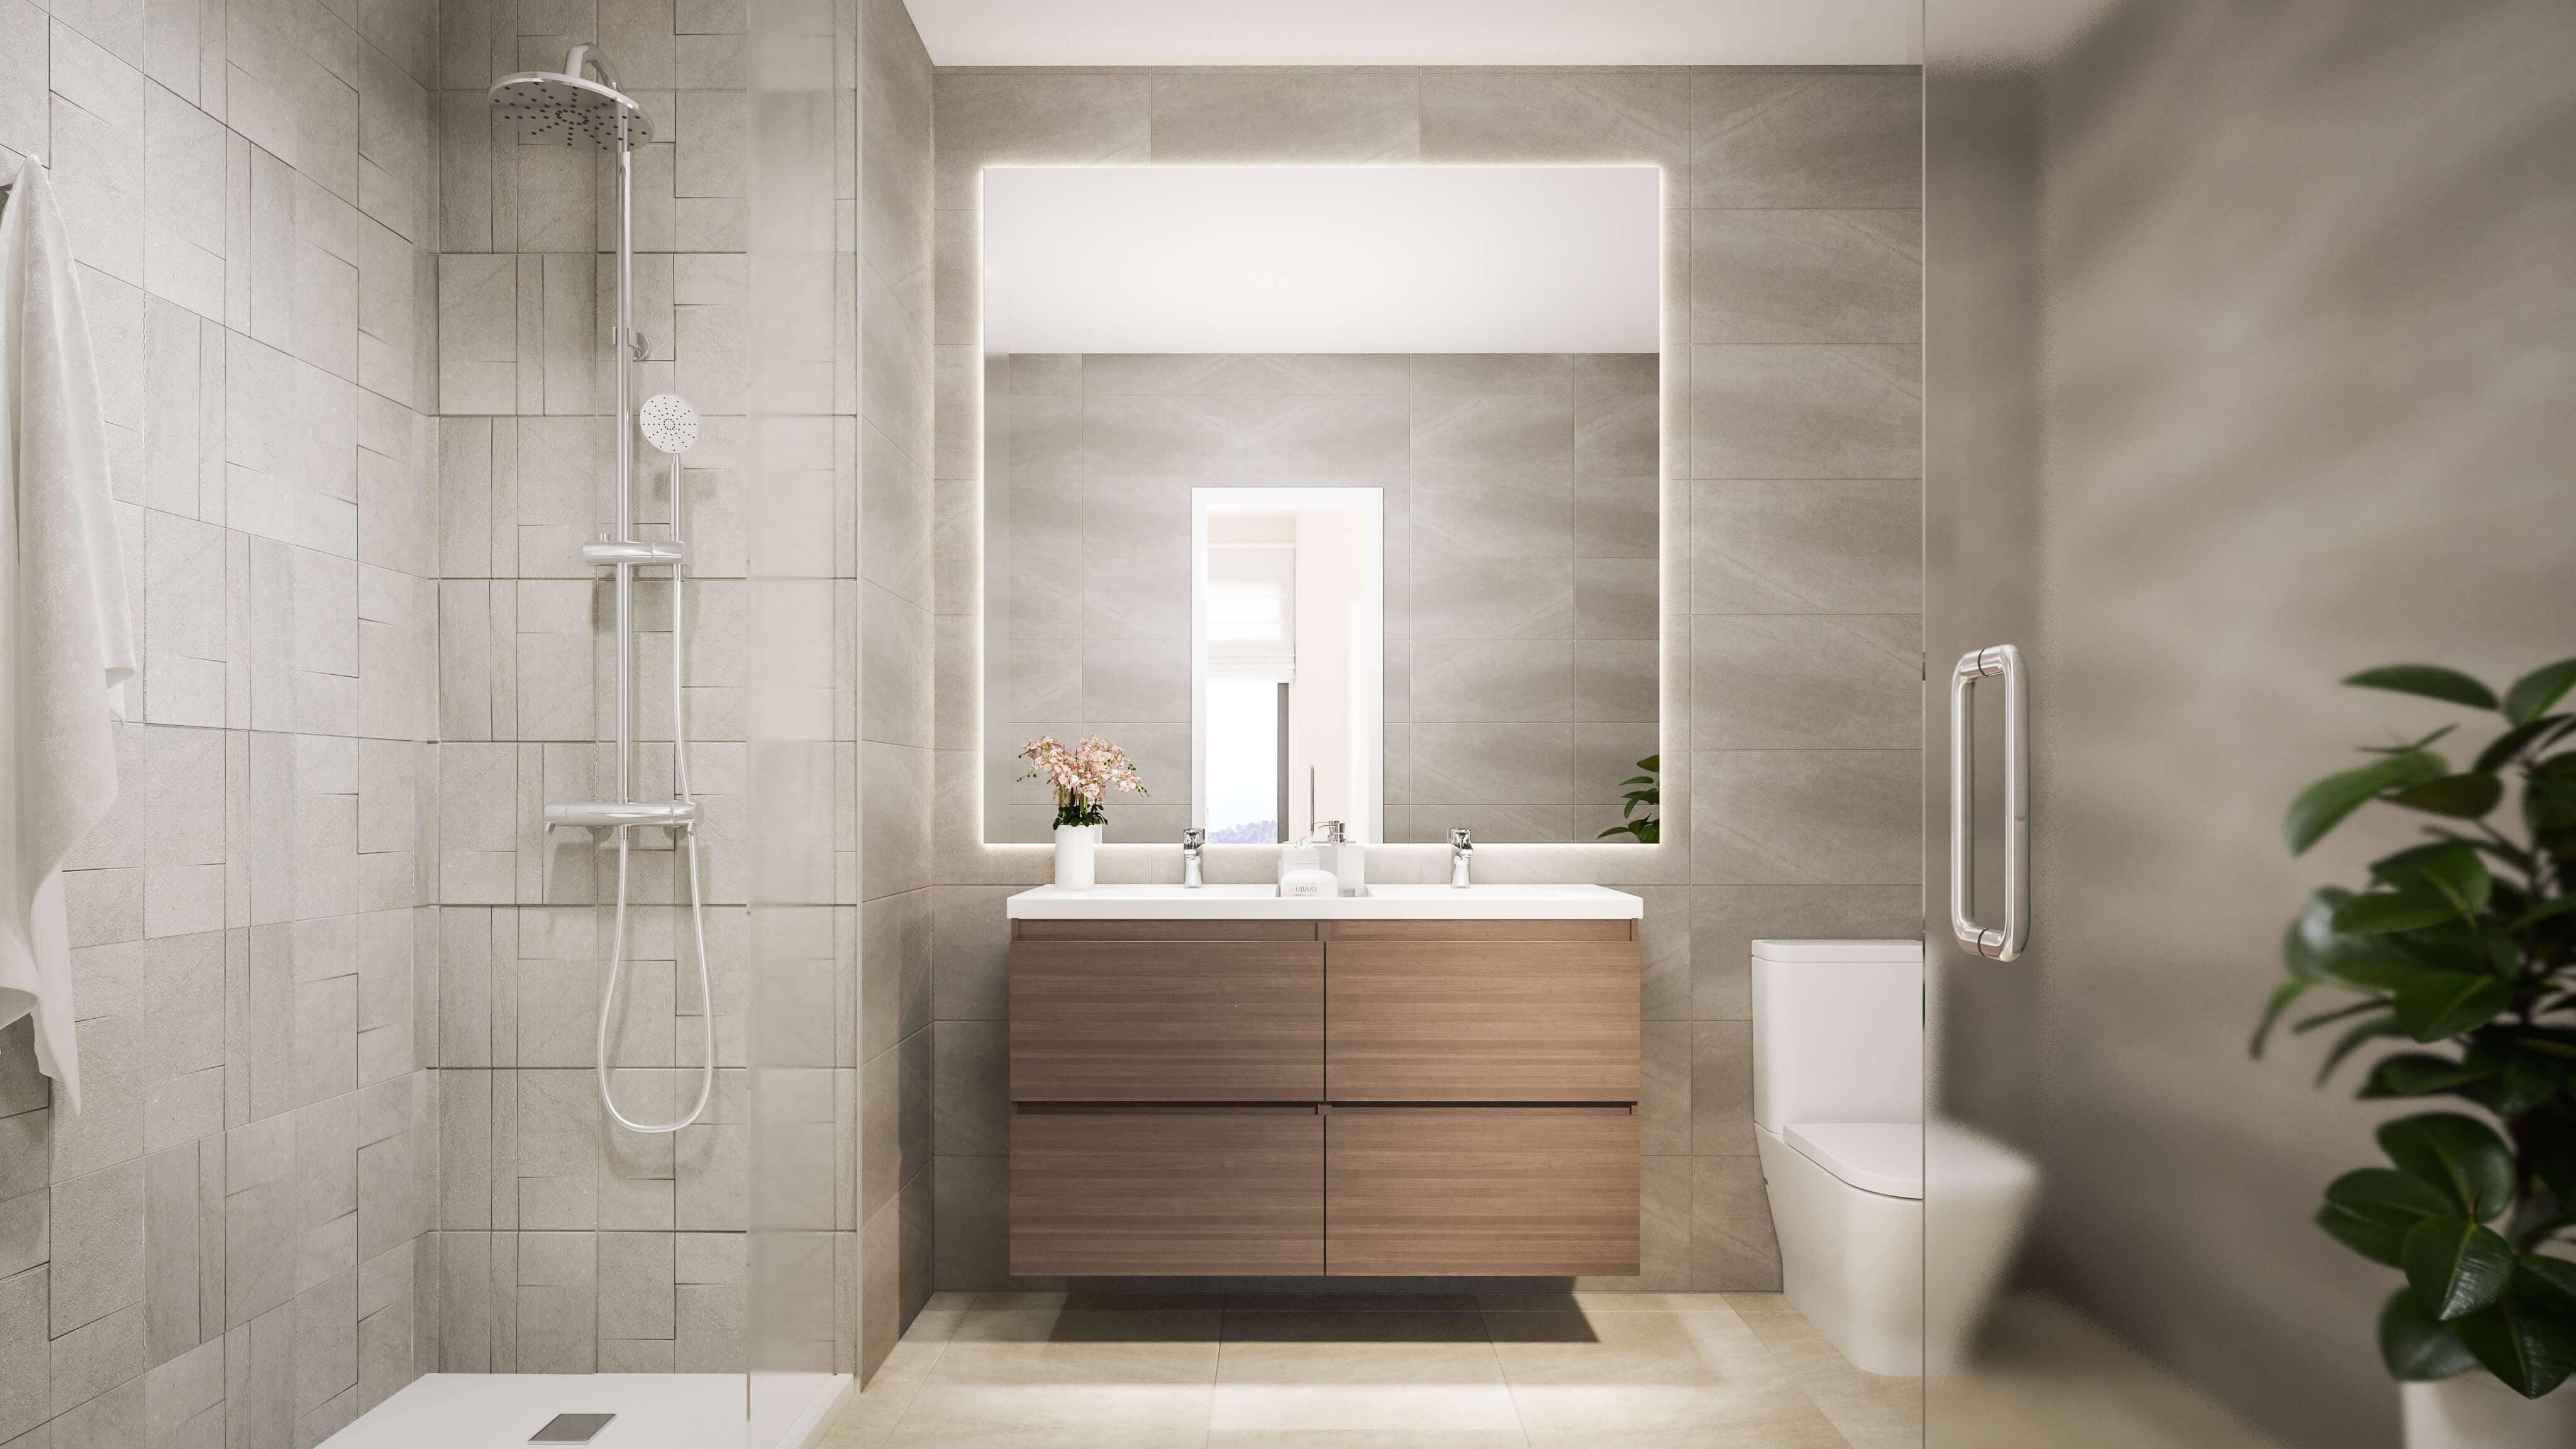 https://vamoz.be/wp-content/uploads/2018/01/mirador-de-estepona-golf-nieuwbouw-appartement-te-koop-badkamer.jpg